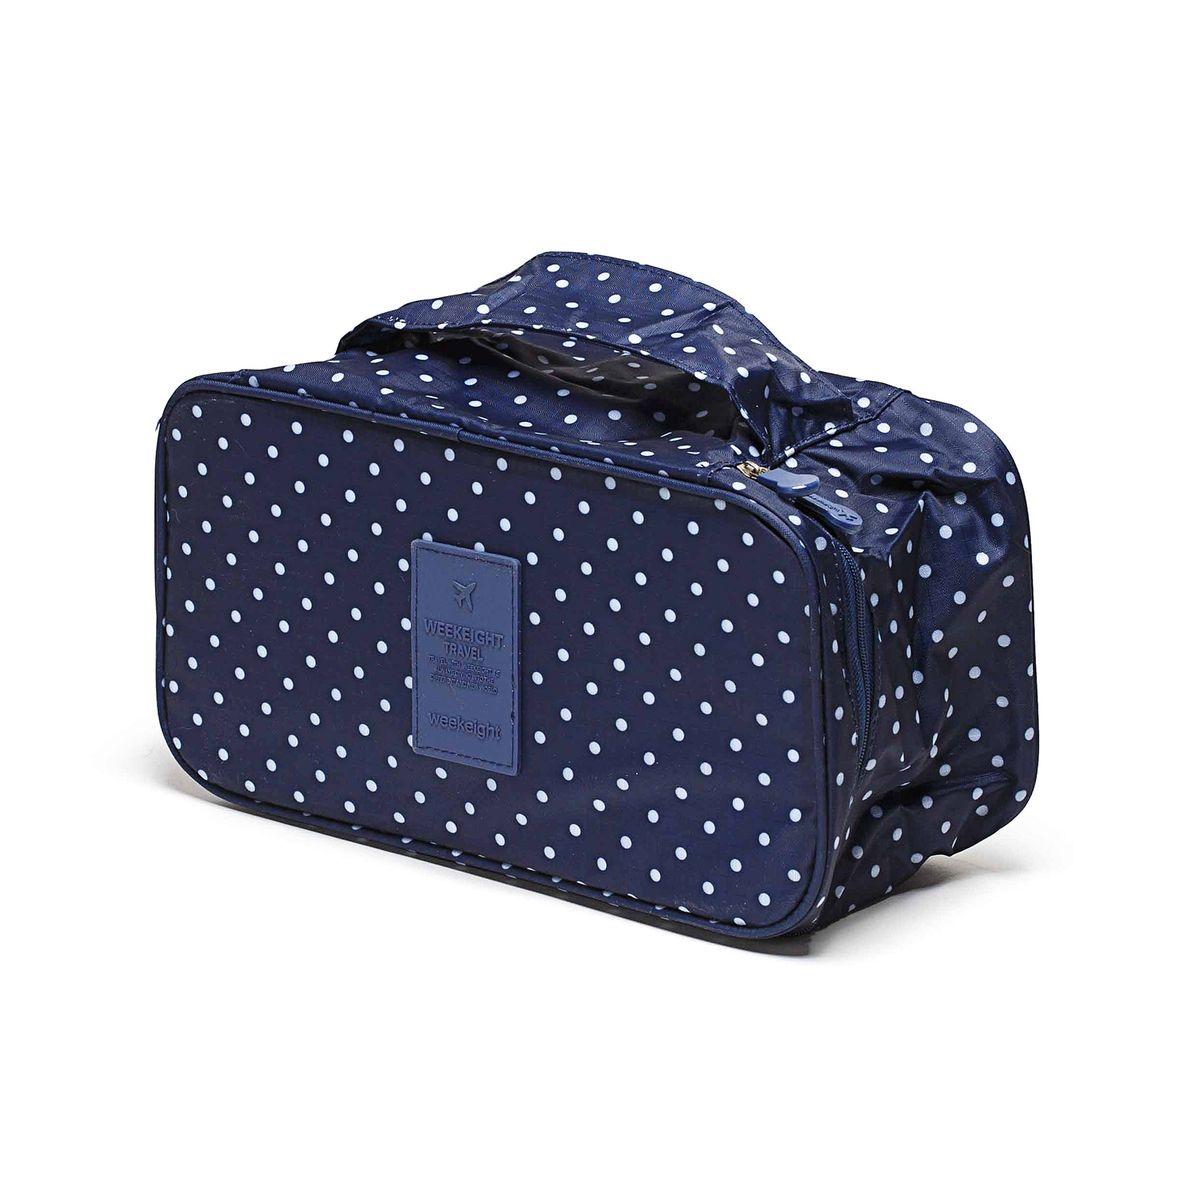 Косметичка-органайзер Homsu, цвет: синий, 28 x 13 x 15 смEP1246_wengeКосметичка-органайзер Homsu выполнена из высококачественного полиэстера. Закрывается изделие на застежку-молнию. Внутри имеется 4 отделения для мелочей, а также дополнительная сумочка размером 22 х 14 см, которая крепится к косметичке посредством липучки и надежно защищает ваши вещи за счет удобной молнии. Теперь вы сможете всегда брать с собой все, что вам может понадобиться. Сверху органайзера имеется ручка для удобной переноски. Косметичка-органайзер Homsu станет незаменимым аксессуаром для любой девушки.Размер косметички: 28 х 13 х 15 см. Размер сумочки: 22 х 14 см.